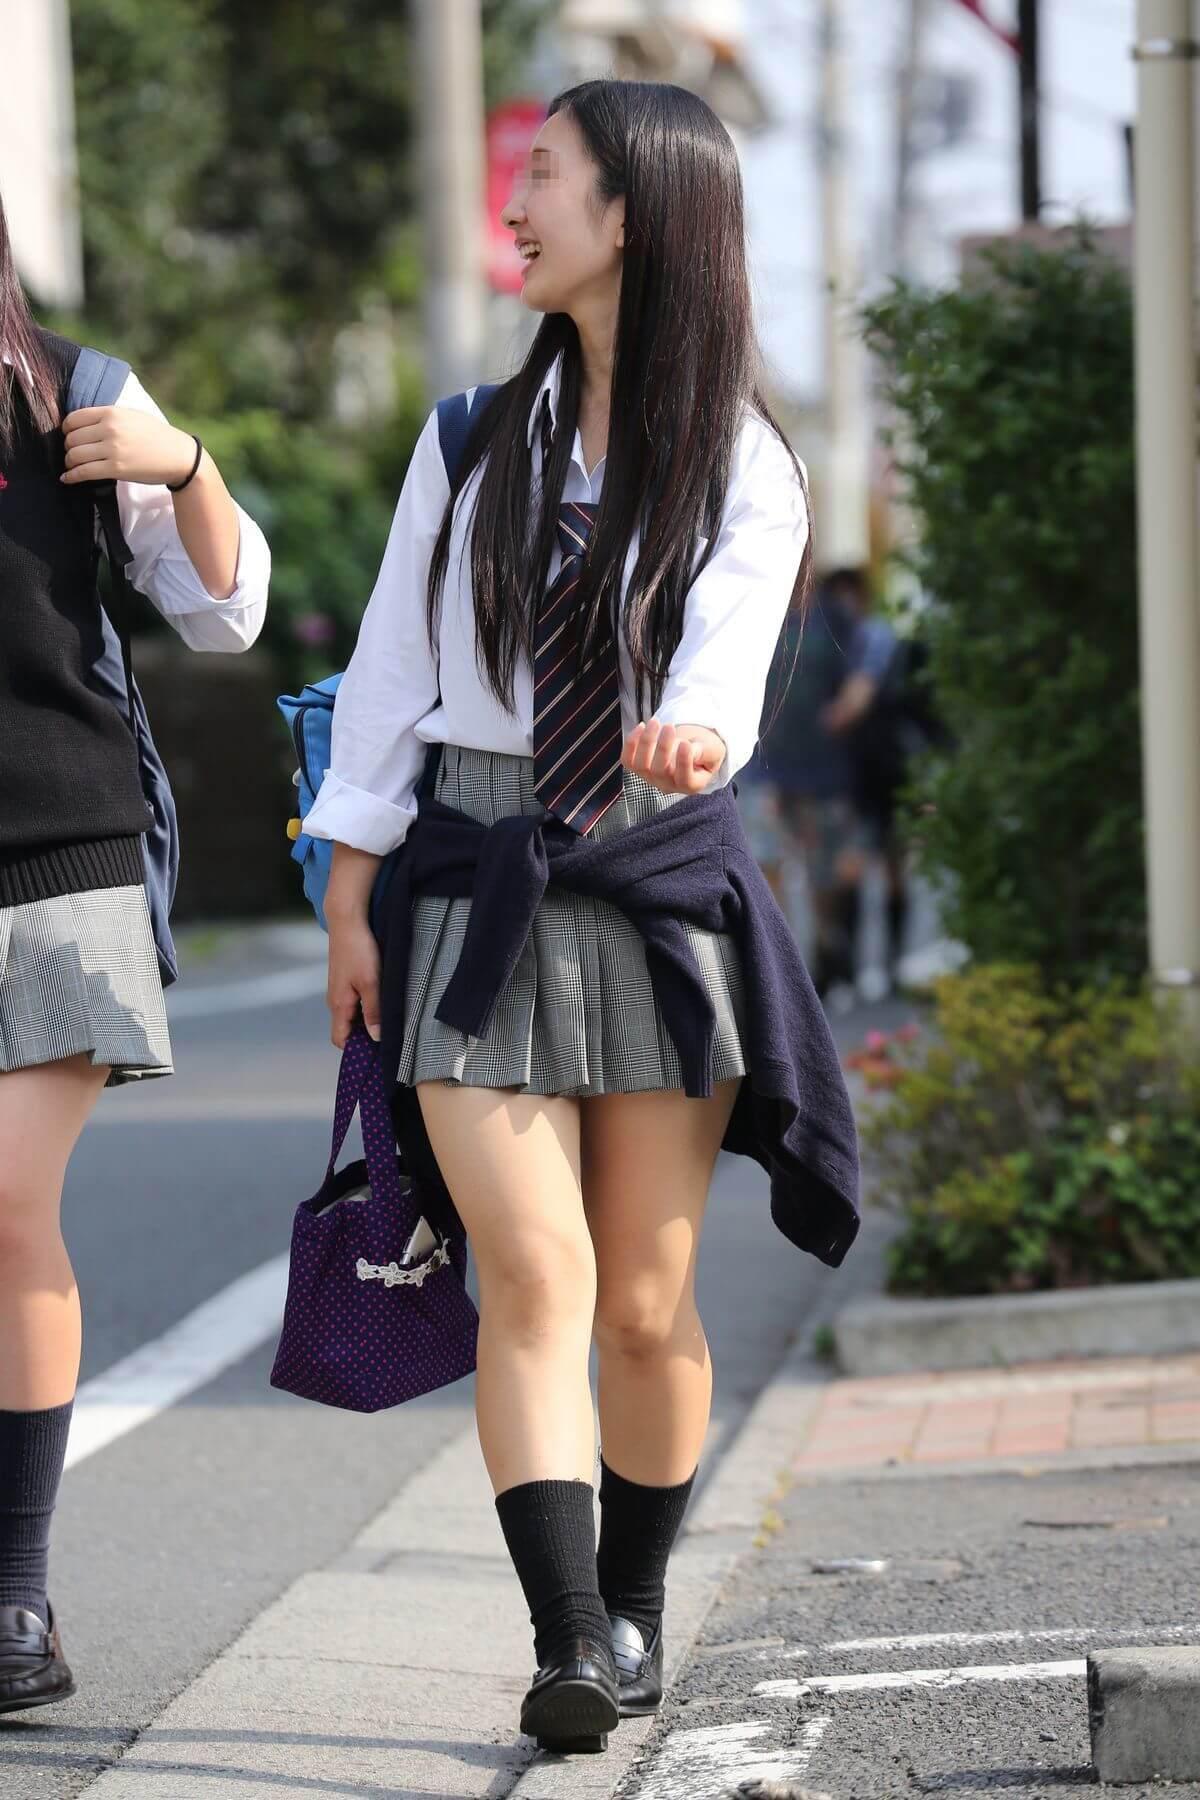 【画像】ドキドキが止まらない女子高生の街撮り写真集